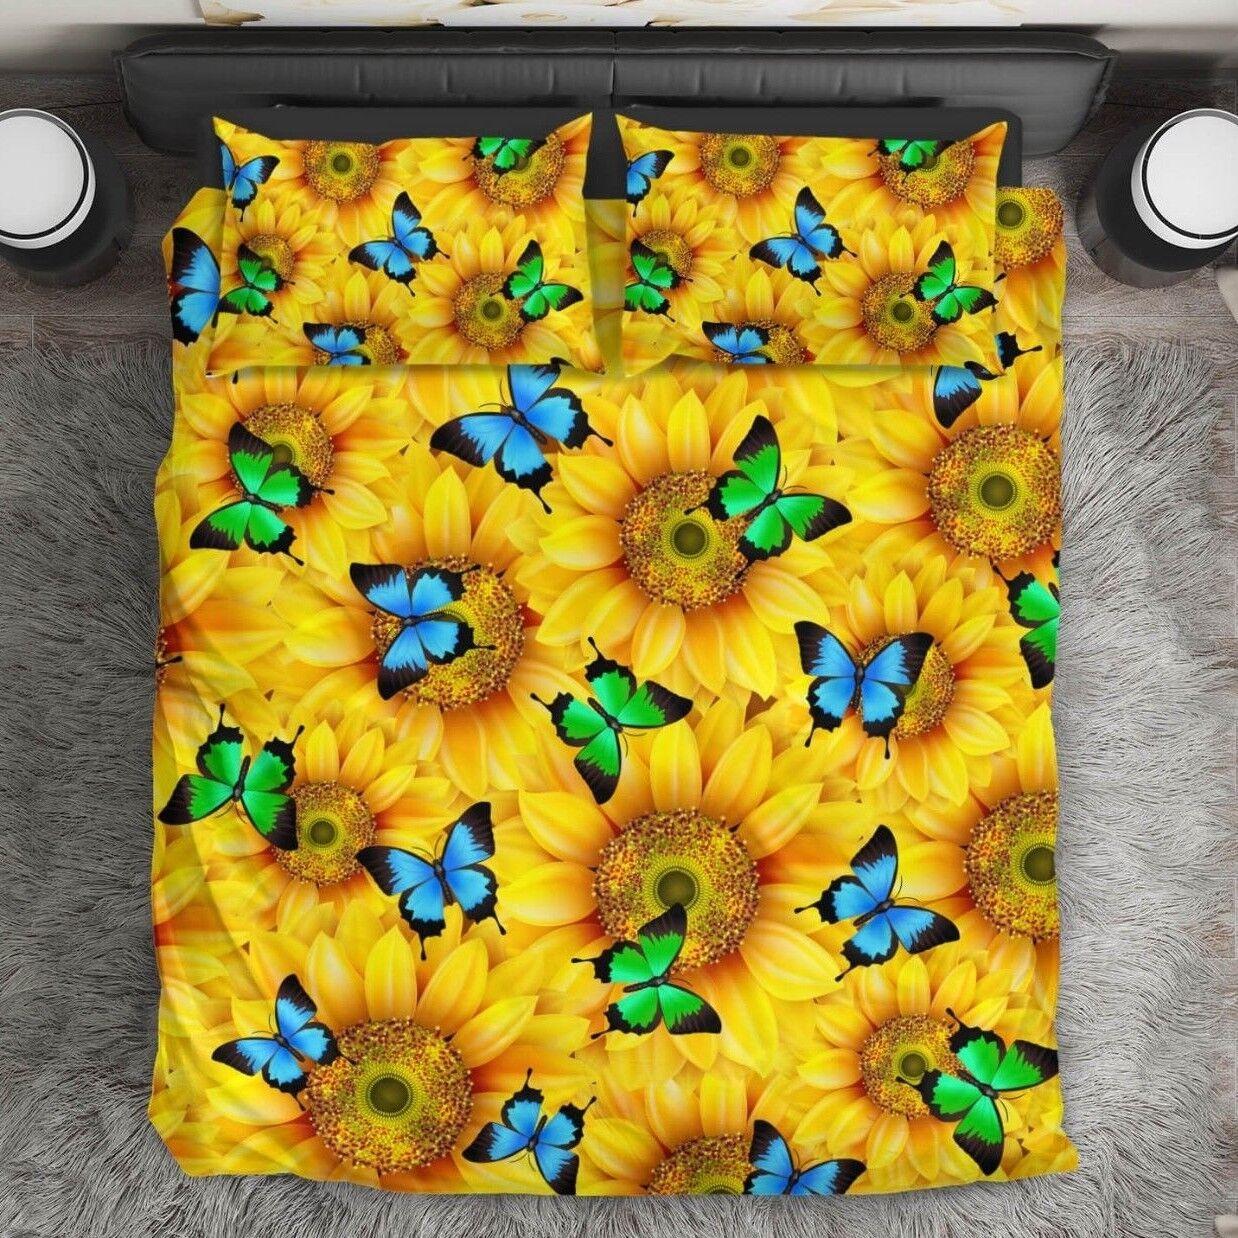 Sunflowers & Butterflies Bedding Duvet Cover King, Queen, Twin, Single Größe